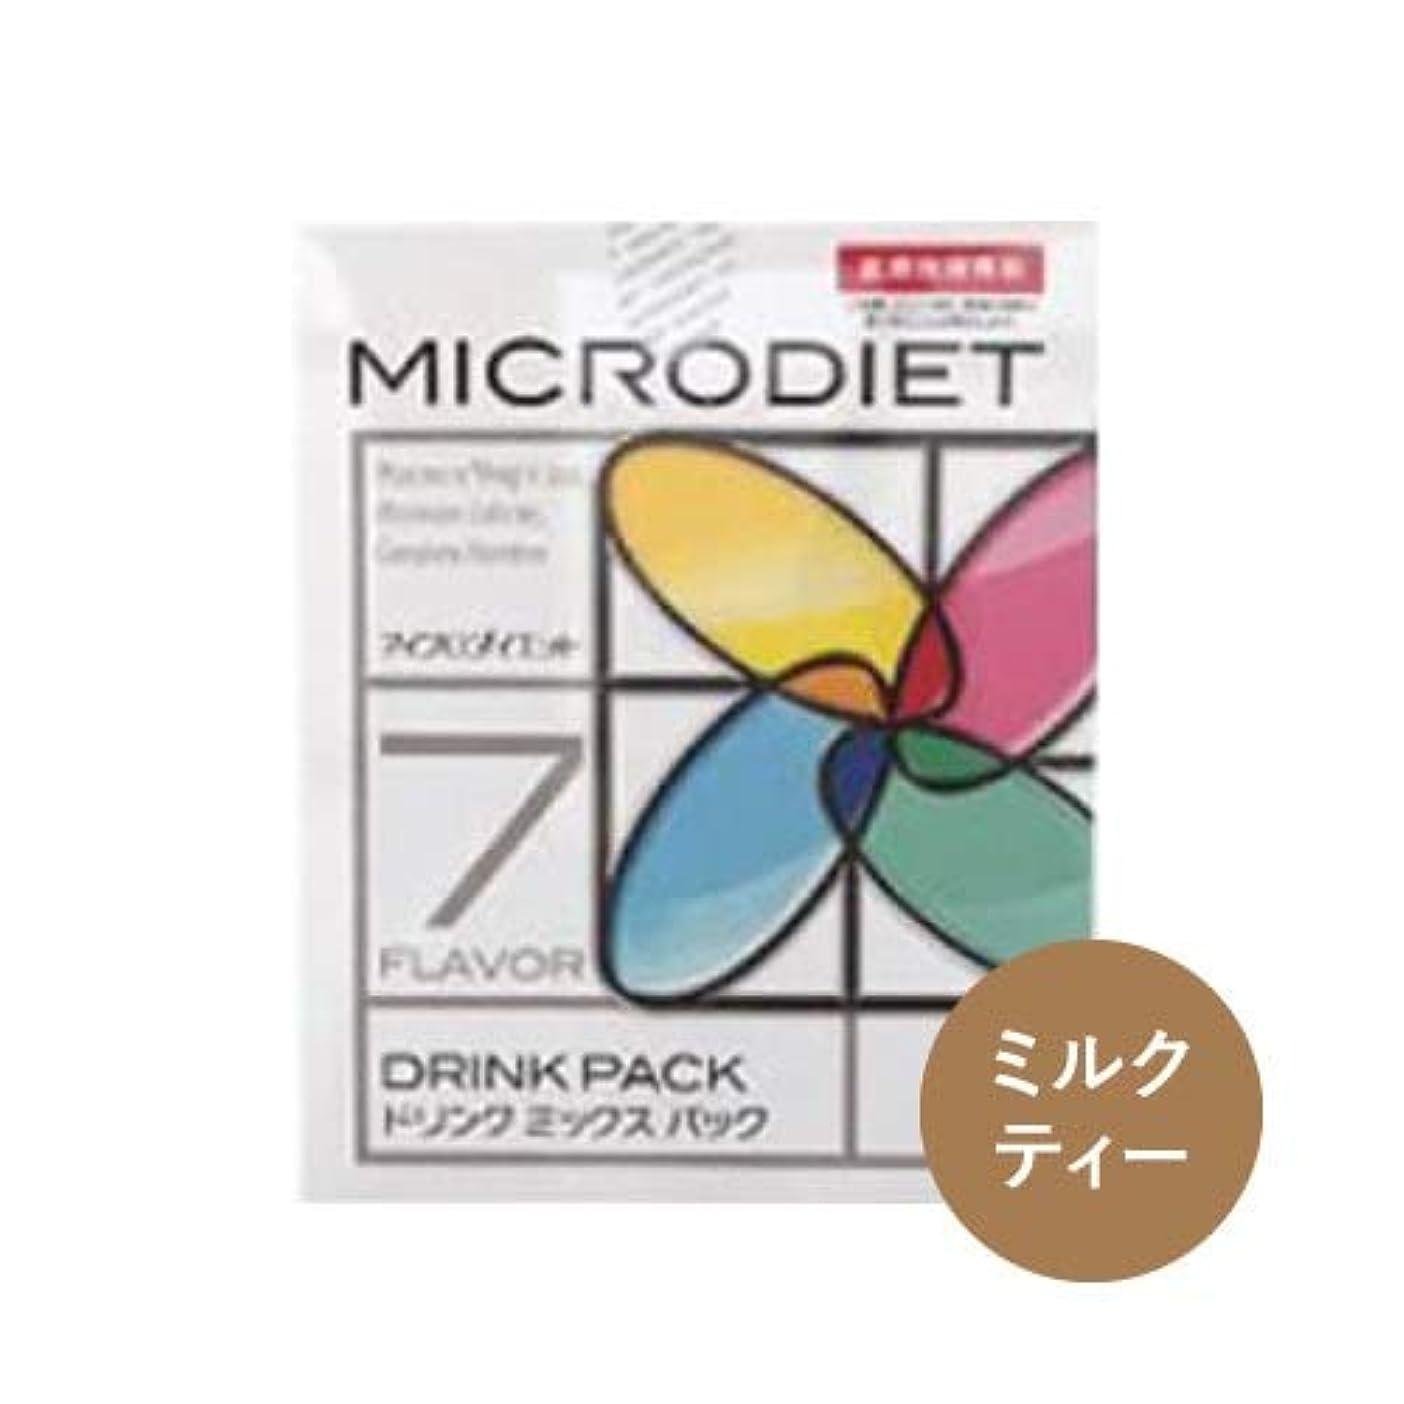 知る宇宙爆発物マイクロダイエット MICRODIET ドリンクタイプ 7食 ミルクティー味